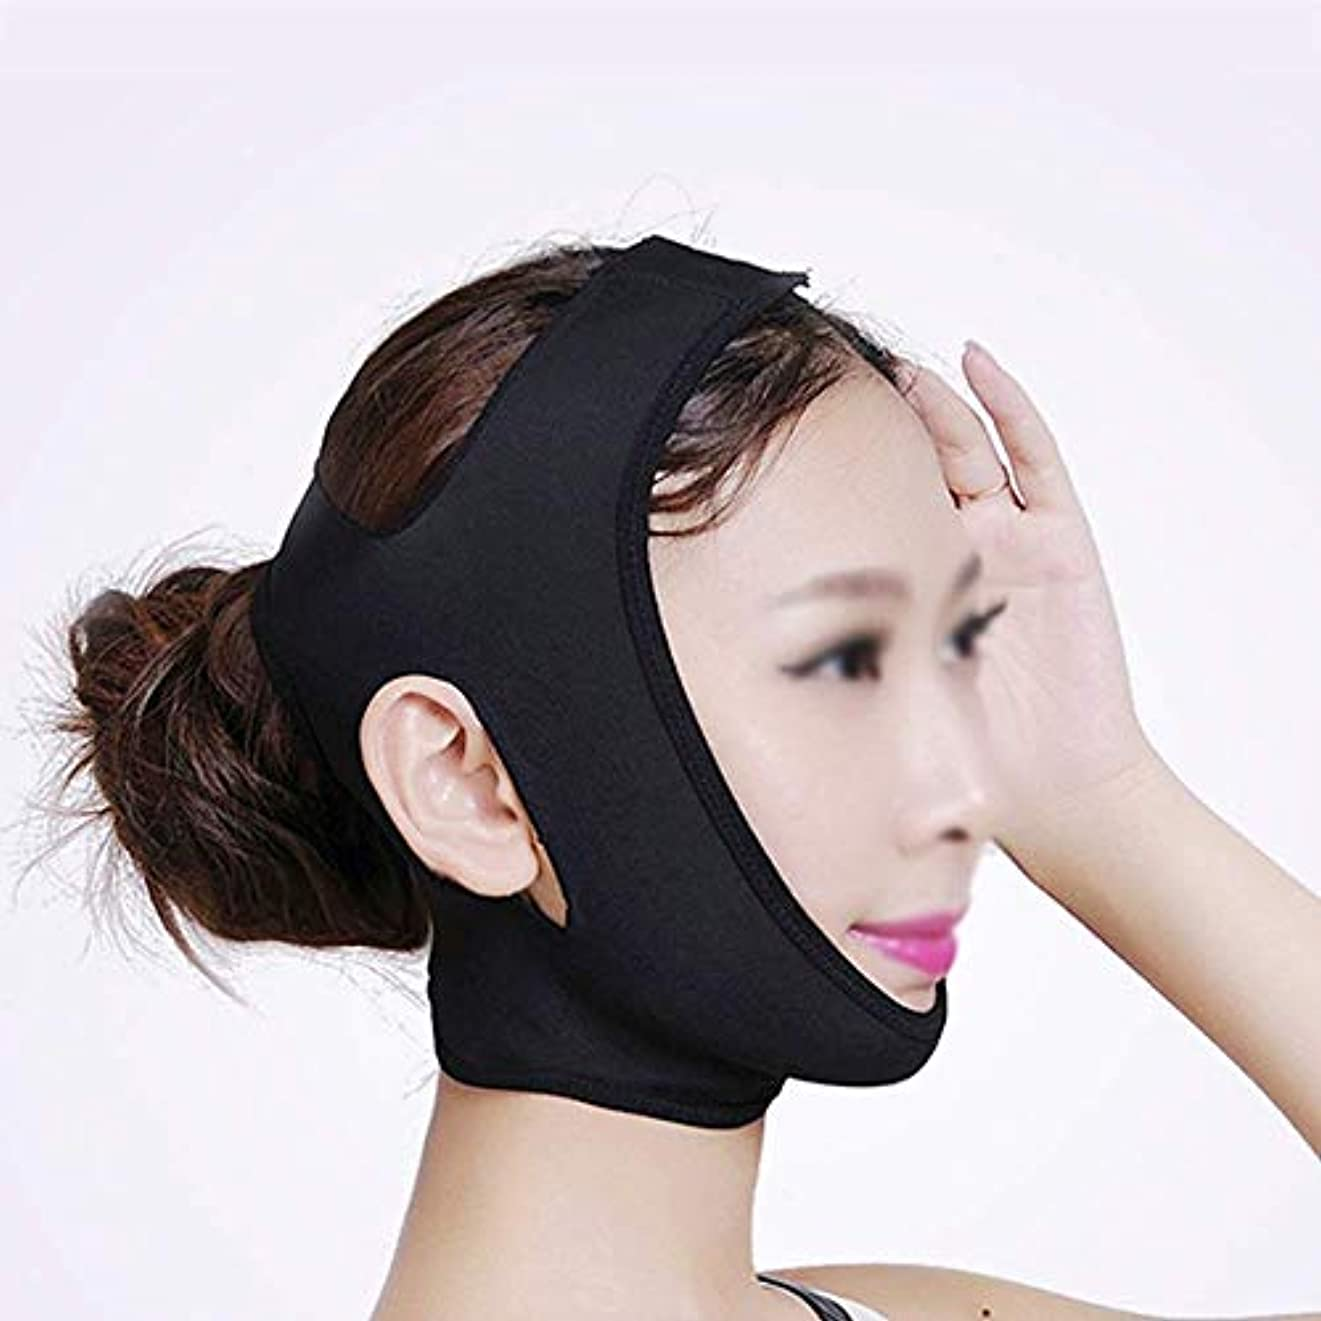 蒸留するエミュレーション今フェイシャル減量マスクリフティングフェイス、フェイスマスク、減量包帯を除去するためのダブルチン、フェイシャルリフティング包帯、ダブルチンを減らすためのリフティングベルト(カラー:ブラック、サイズ:M),黒、XXL